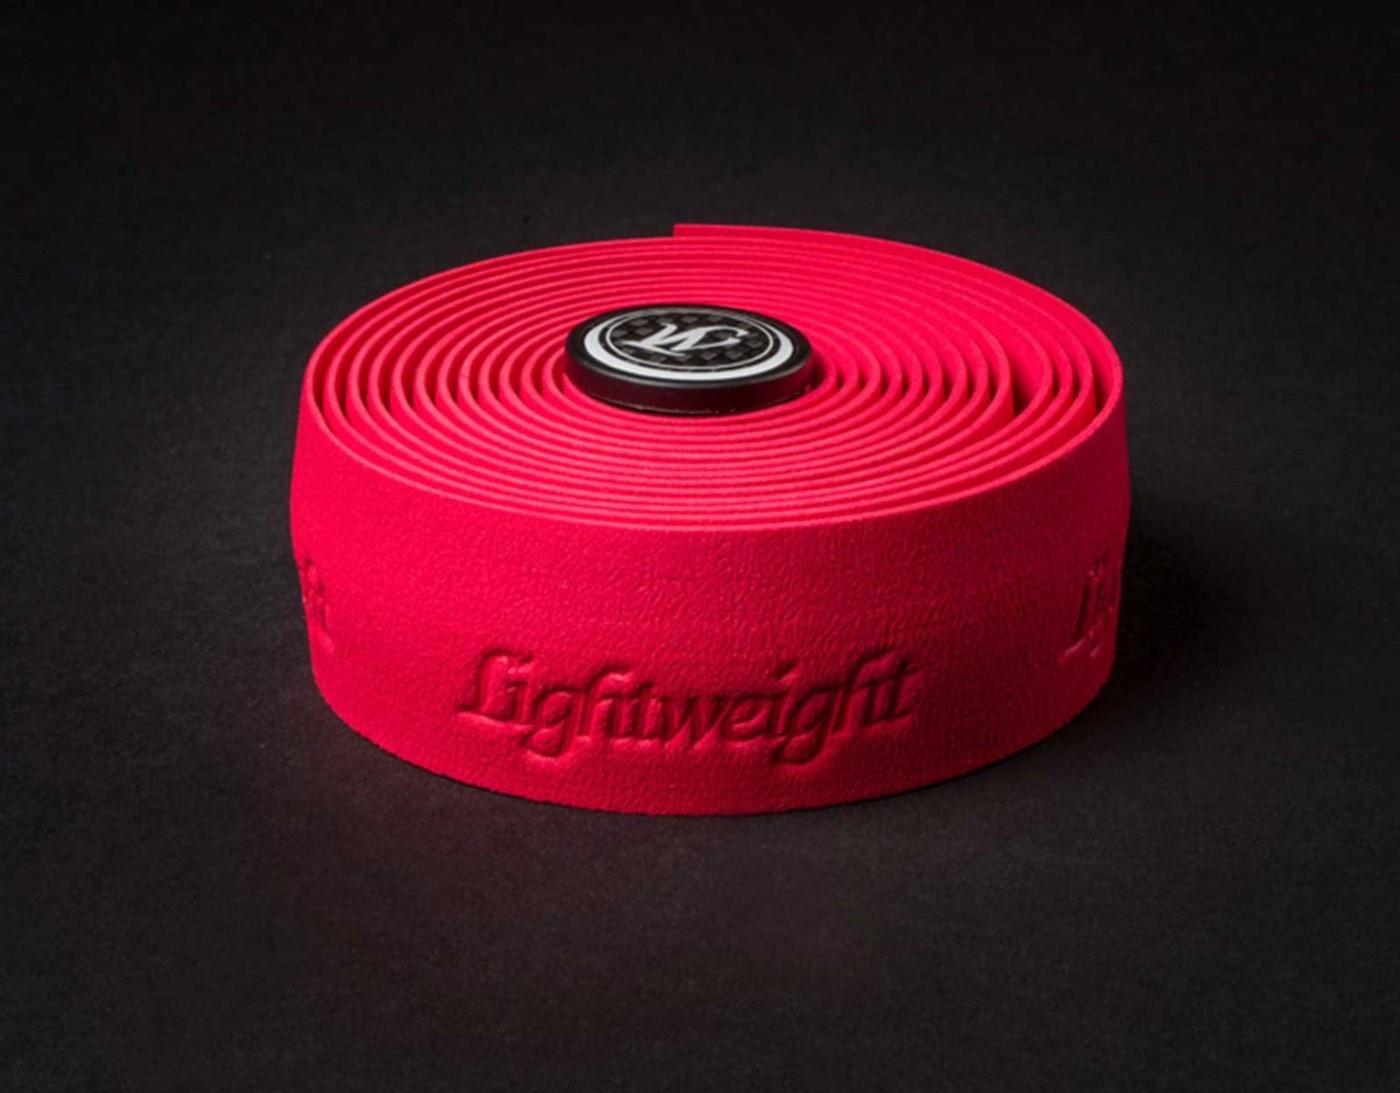 Omotávka LIGHTWEIGHT Handband červená